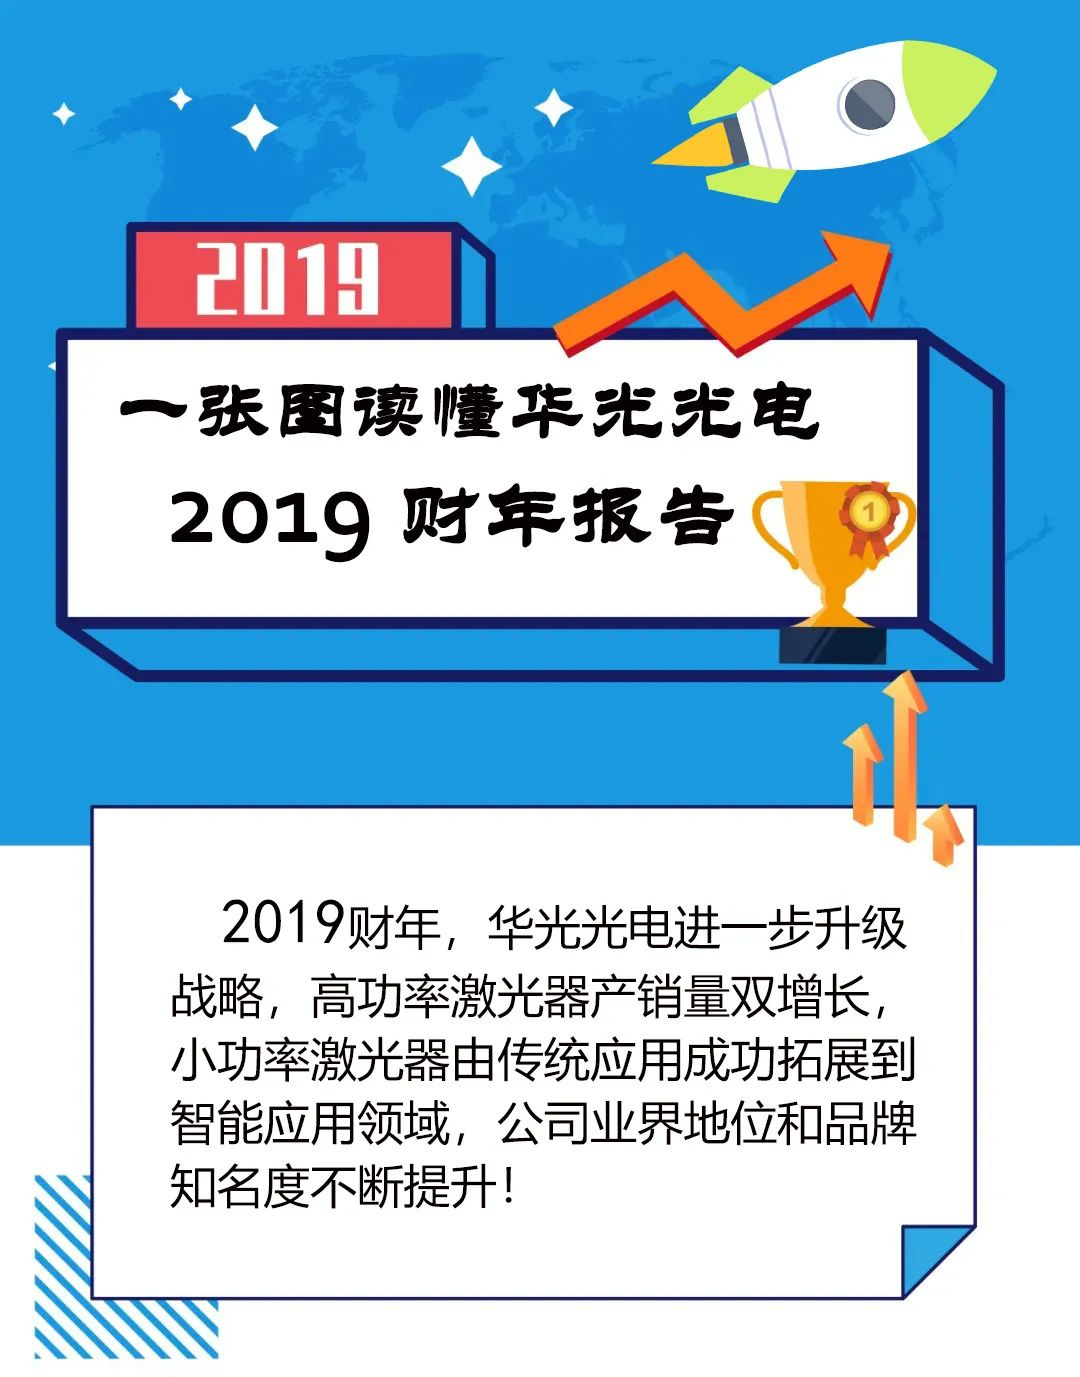 中国航天科技八院800所首个预应力激光成形实验平台成功搭建